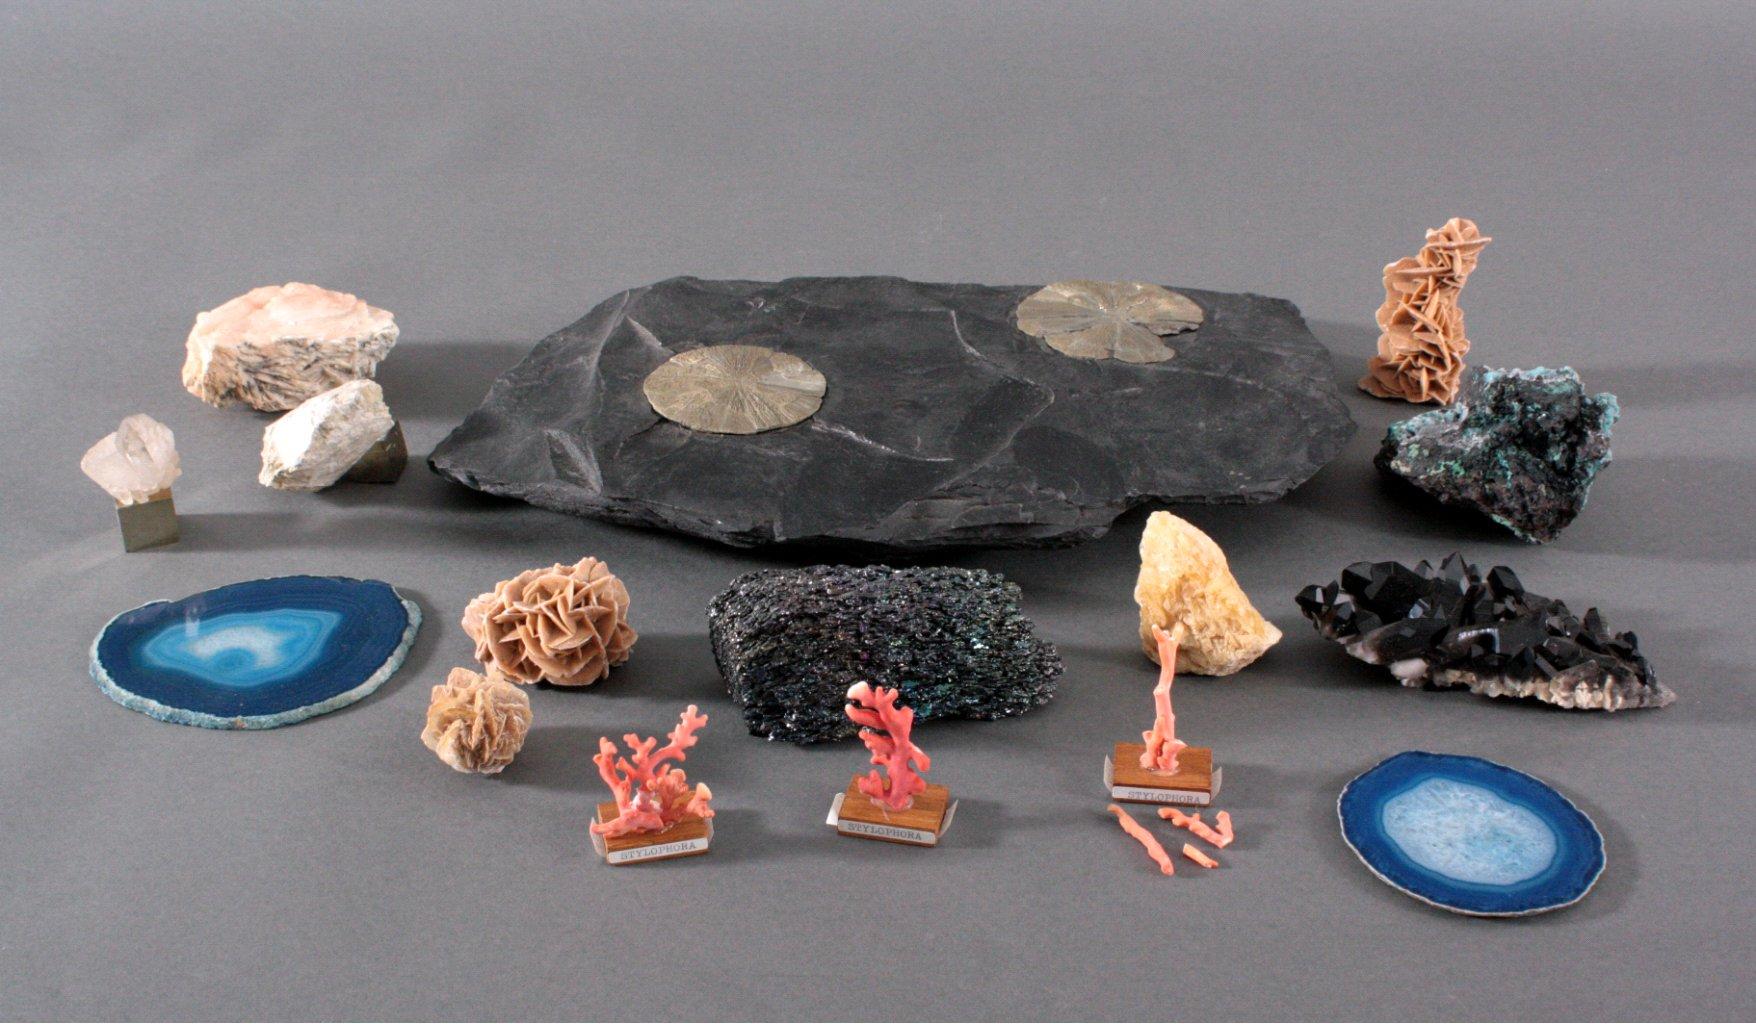 Mineralien und Fossiliensammlung